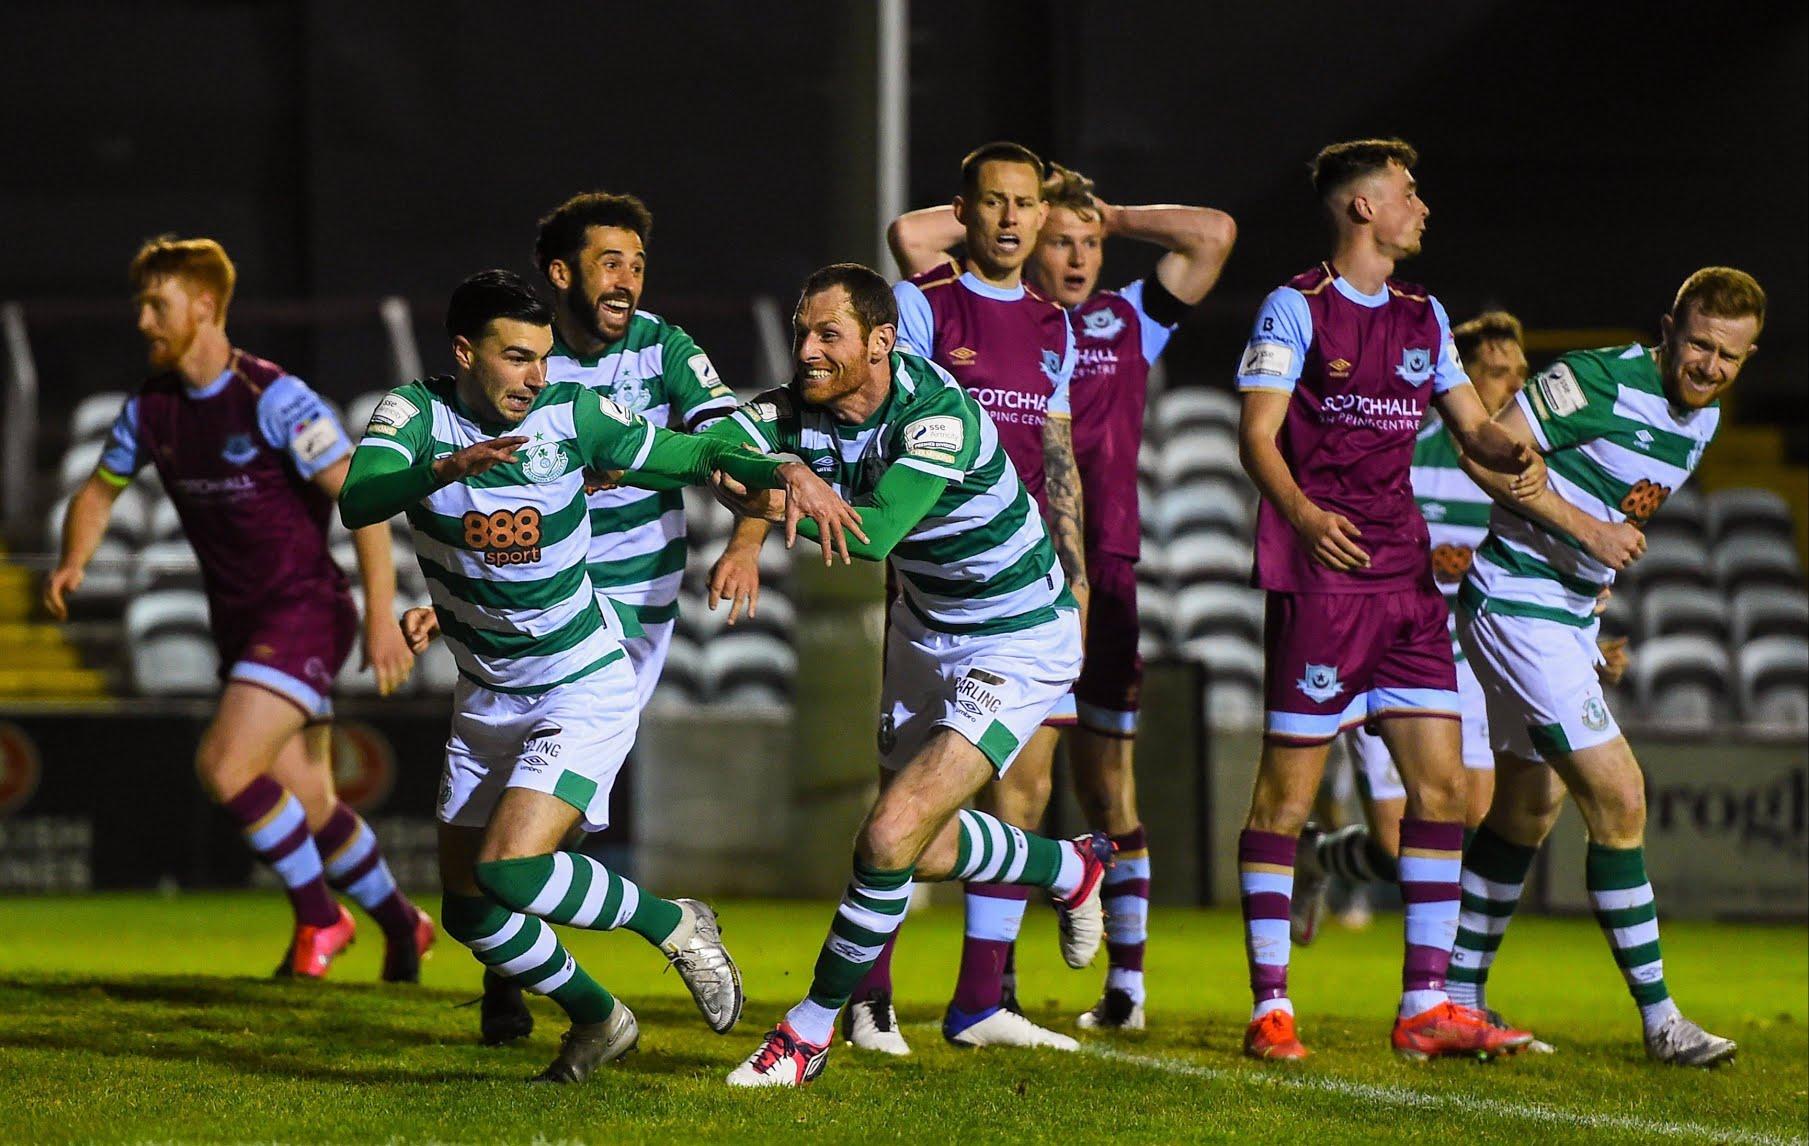 Nhận định soi kèo Shamrock Rovers vs Drogheda United, 02h00 ngày 26/6